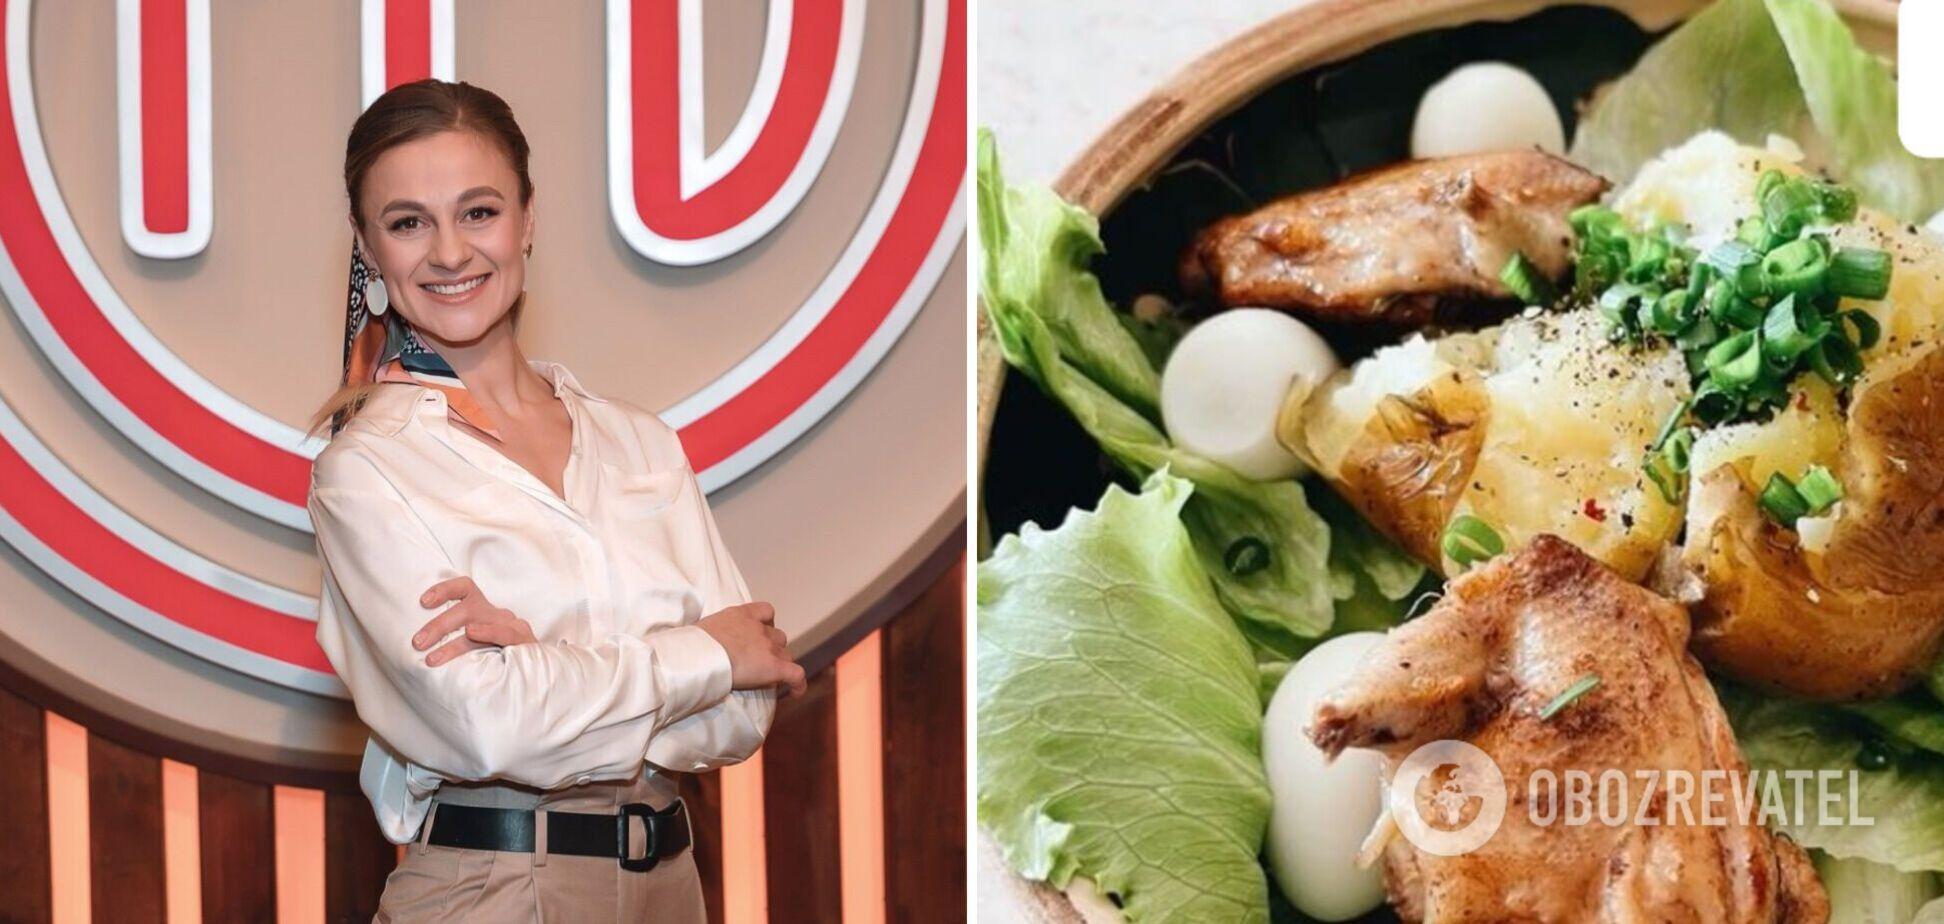 У 'Олів'є' є смачна альтернатива: секретом поділилася зіркова шеф-кухарка